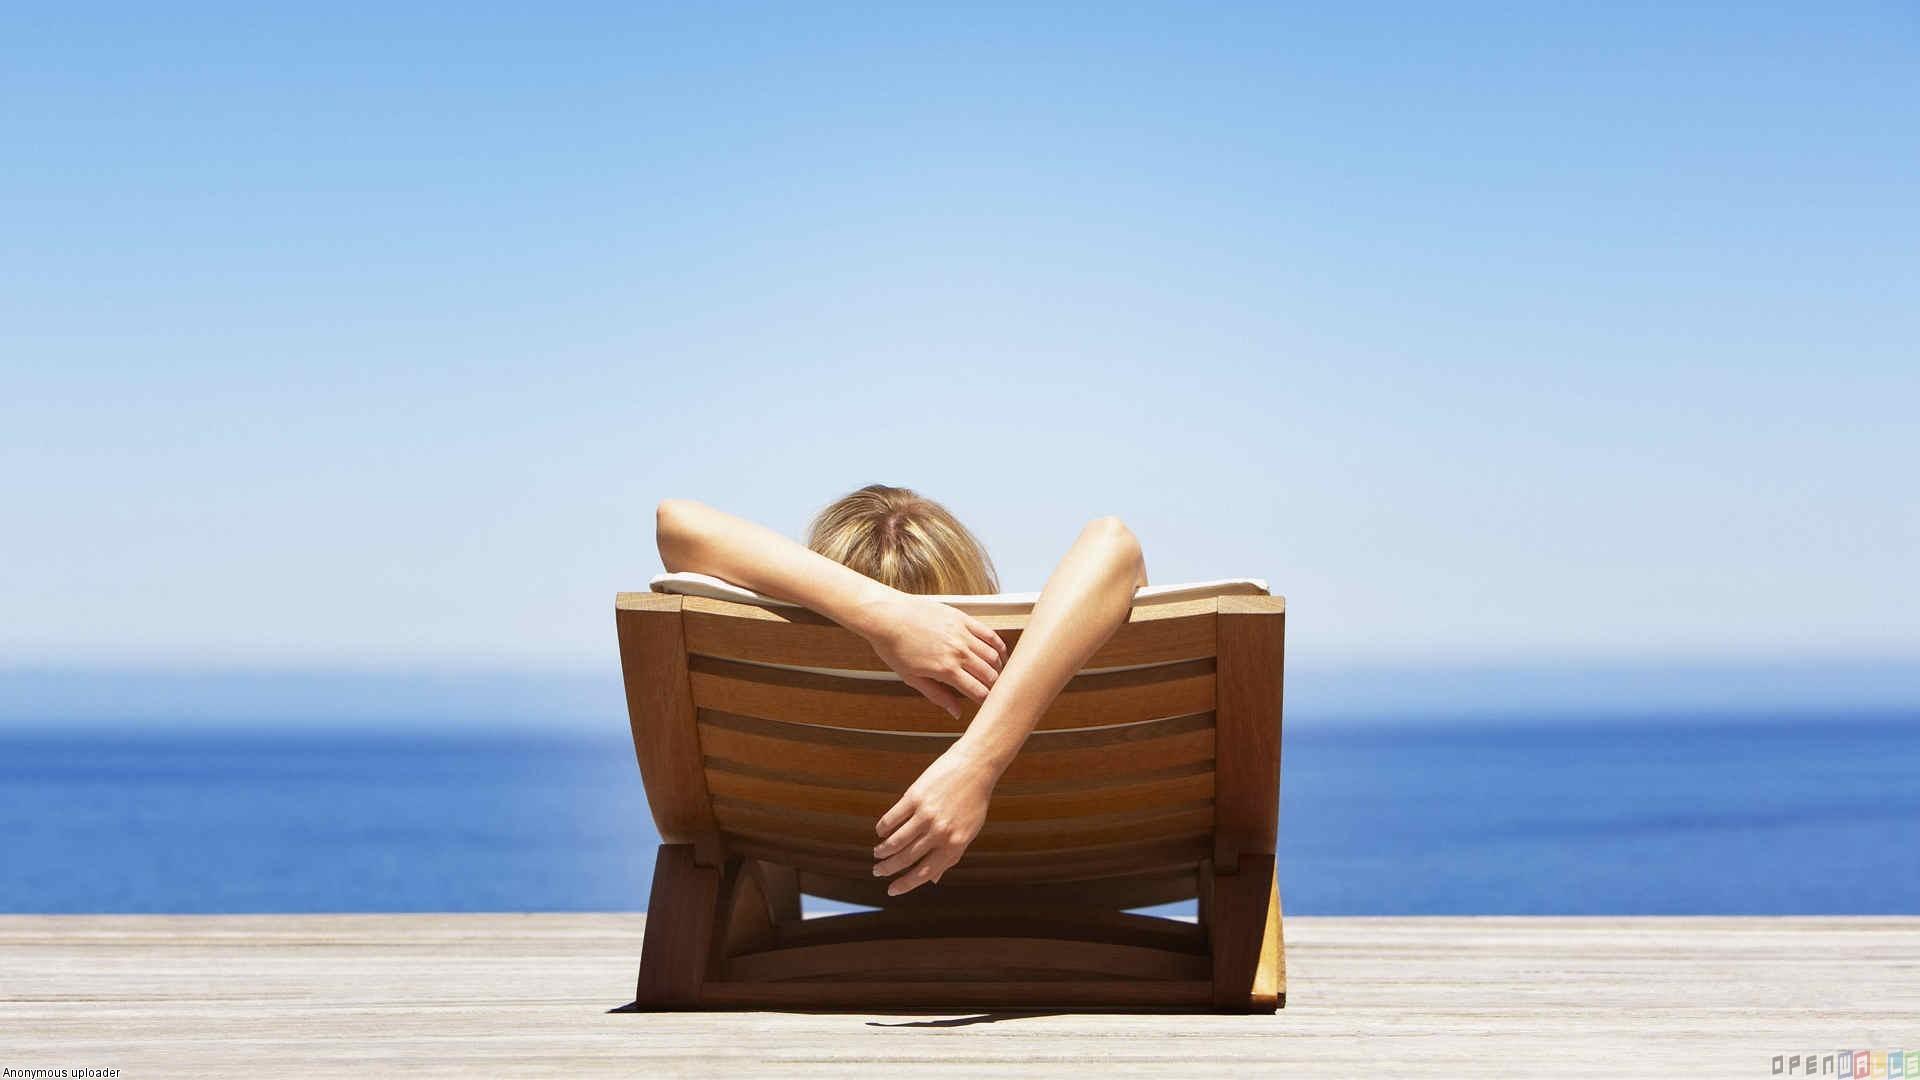 Chcesz pozbyć się napięcia, złości i stresu ze swojego ciała? Zastosuj proste ćwiczenie relaksacyjne